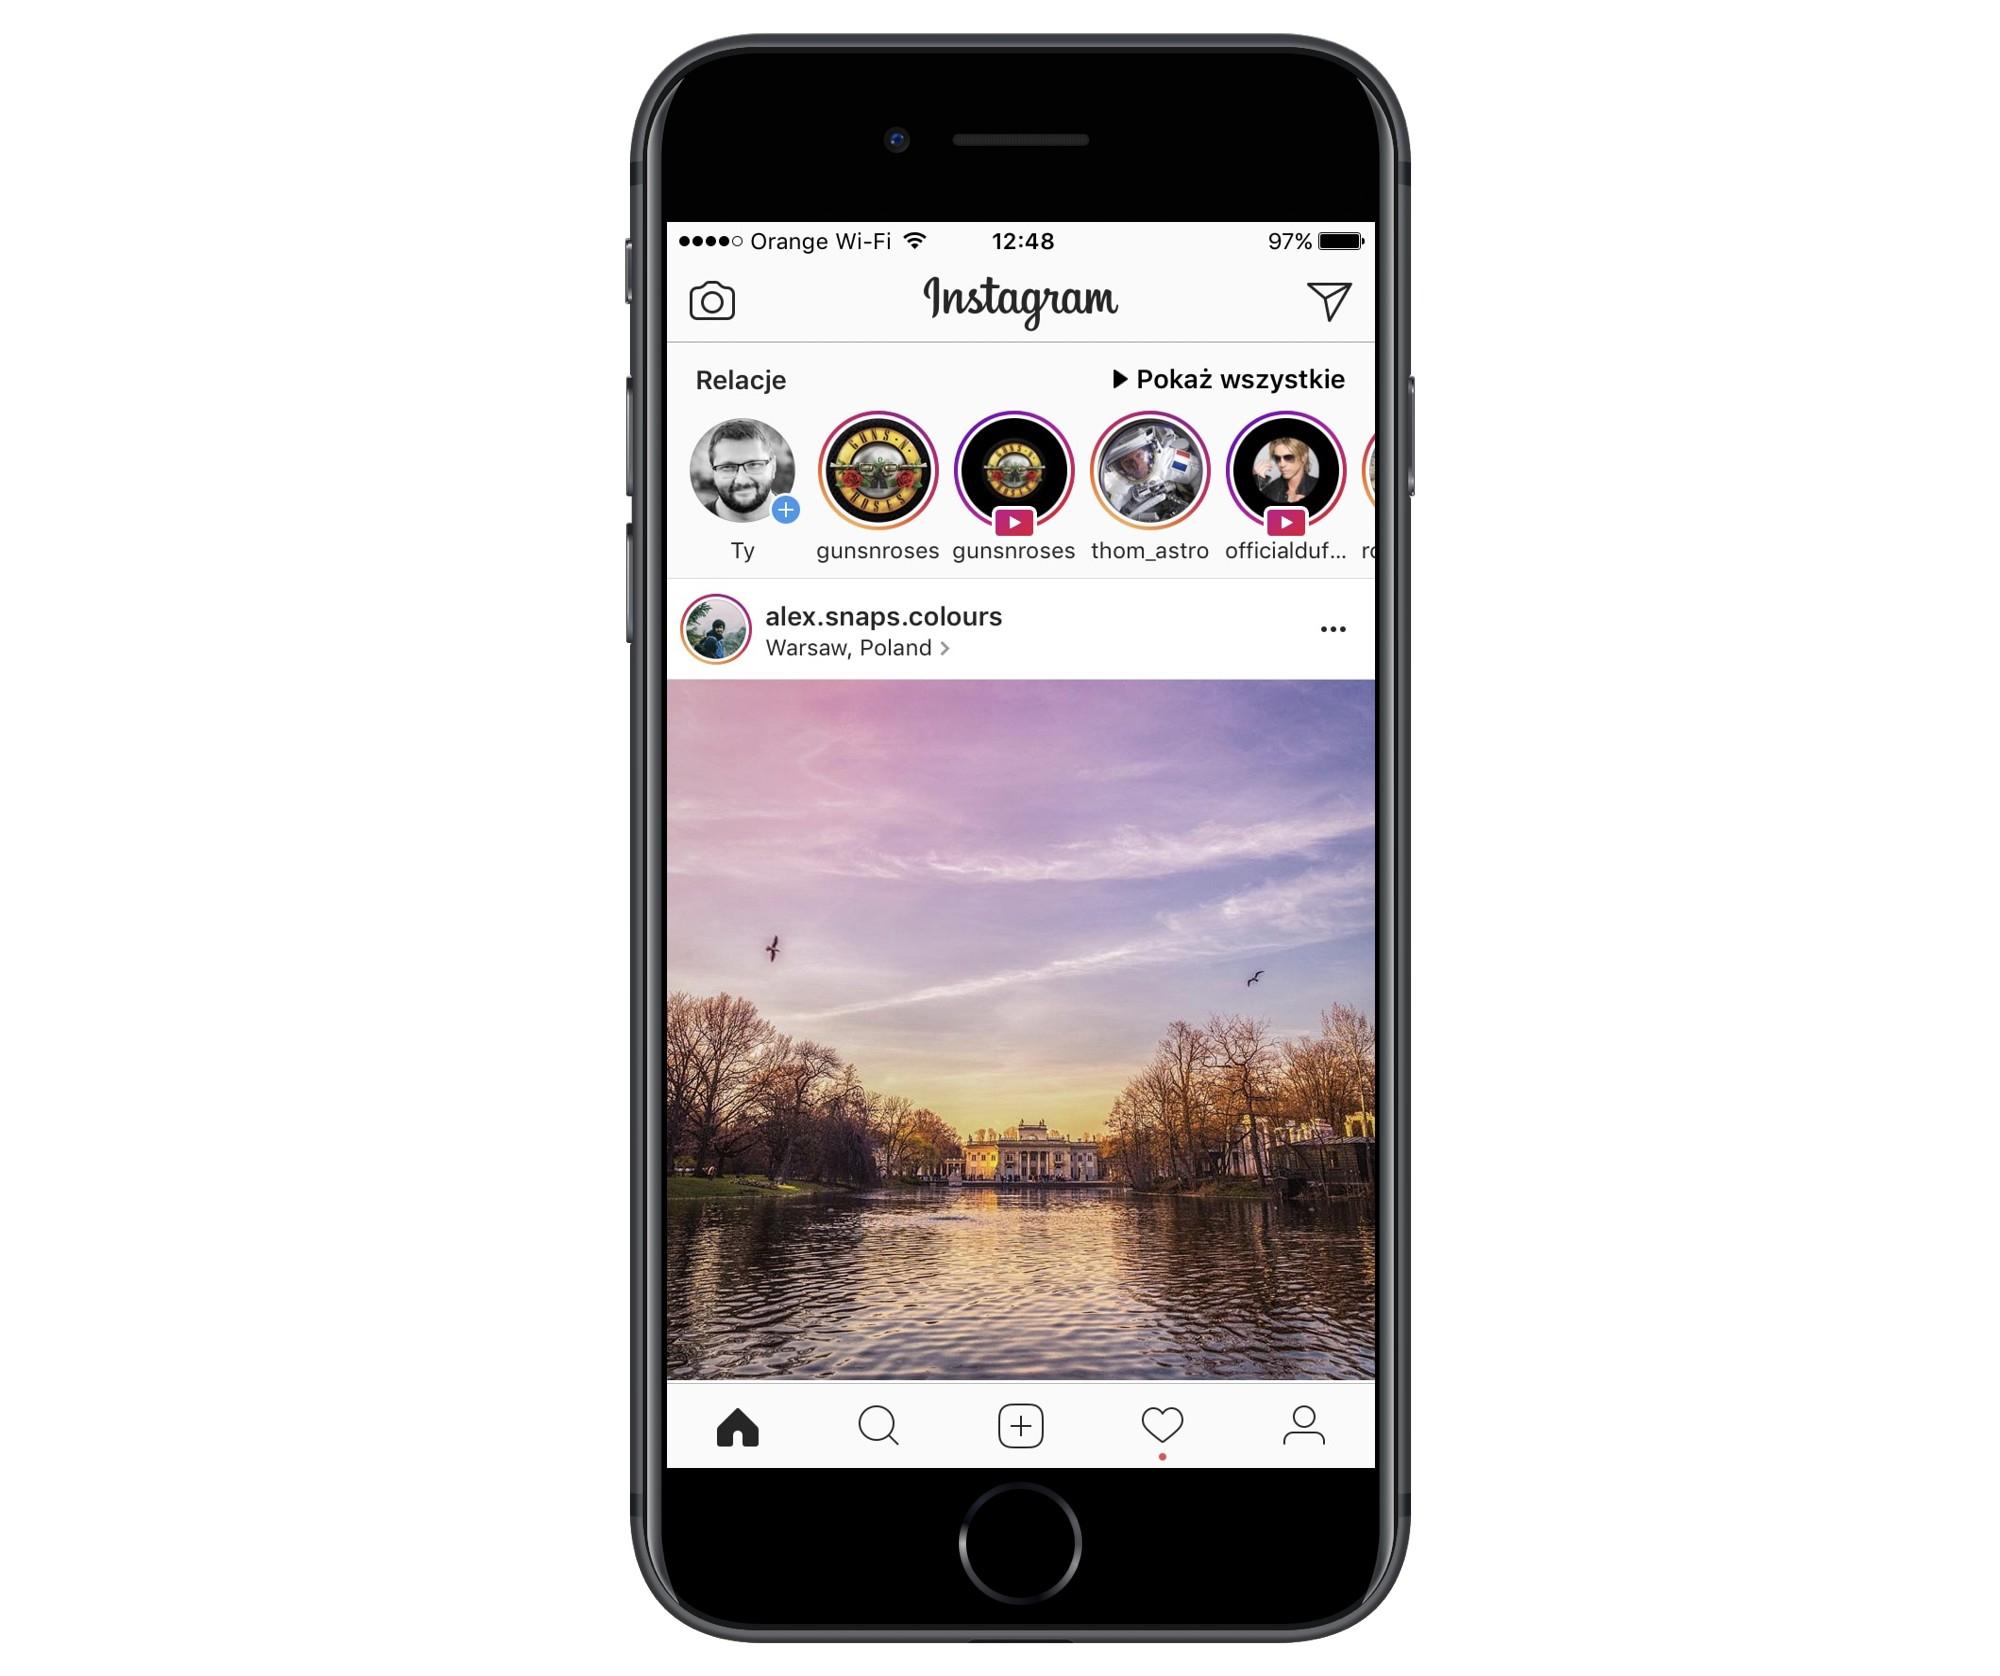 Instagram Relacje